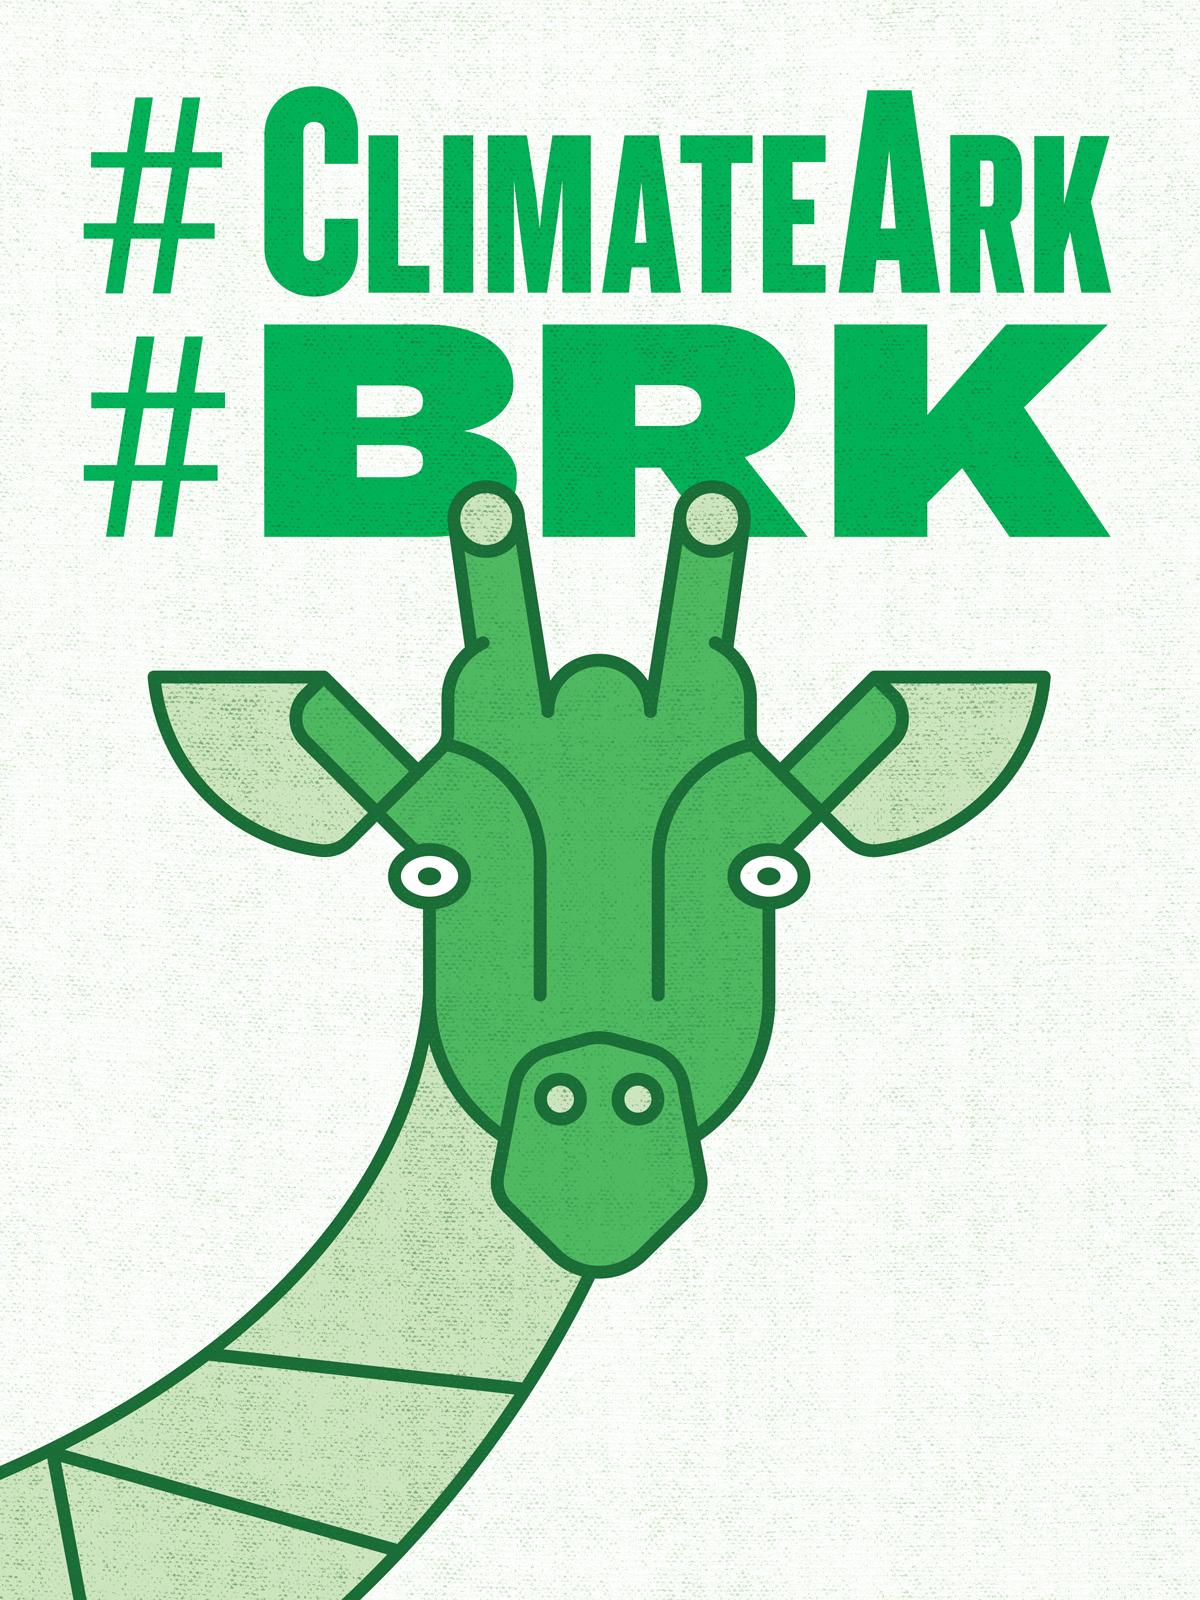 jkdc_boldrallies-climateark-Giraffe.png